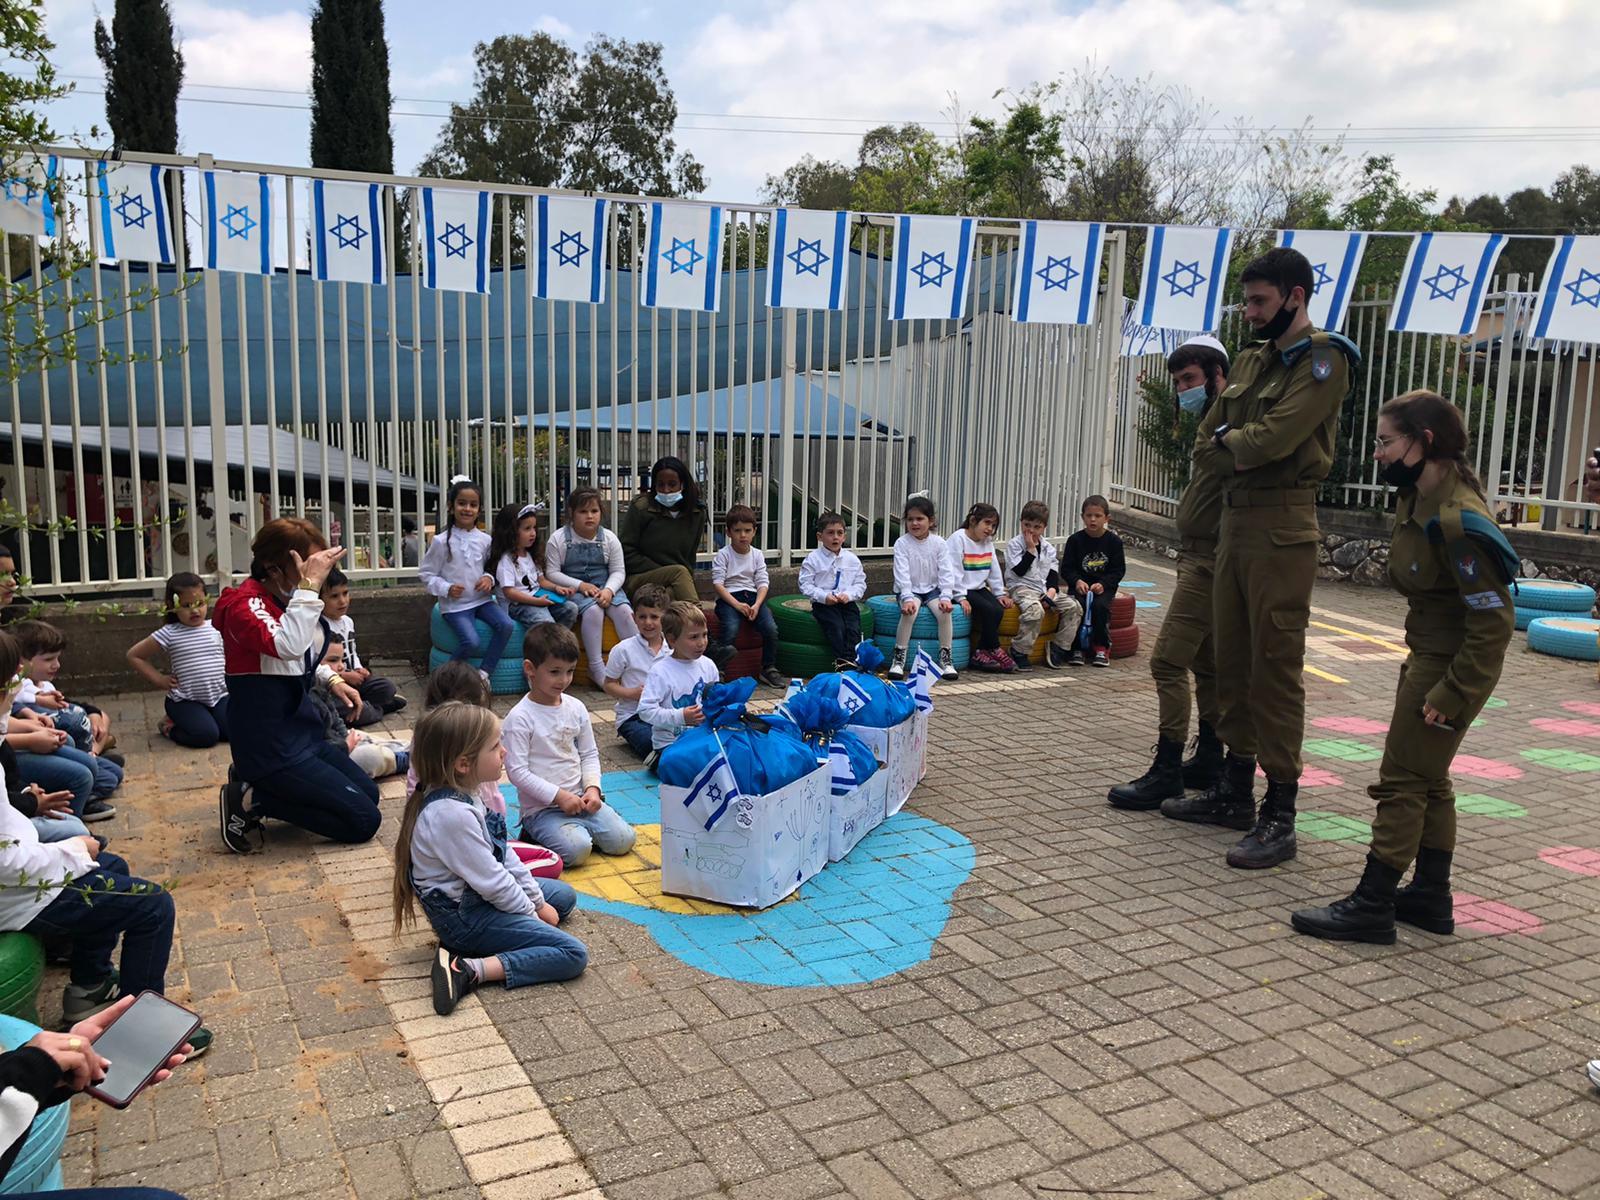 ילדי ראש פינה ארחו את חיילי גדוד איילים בפיקוד הצפון